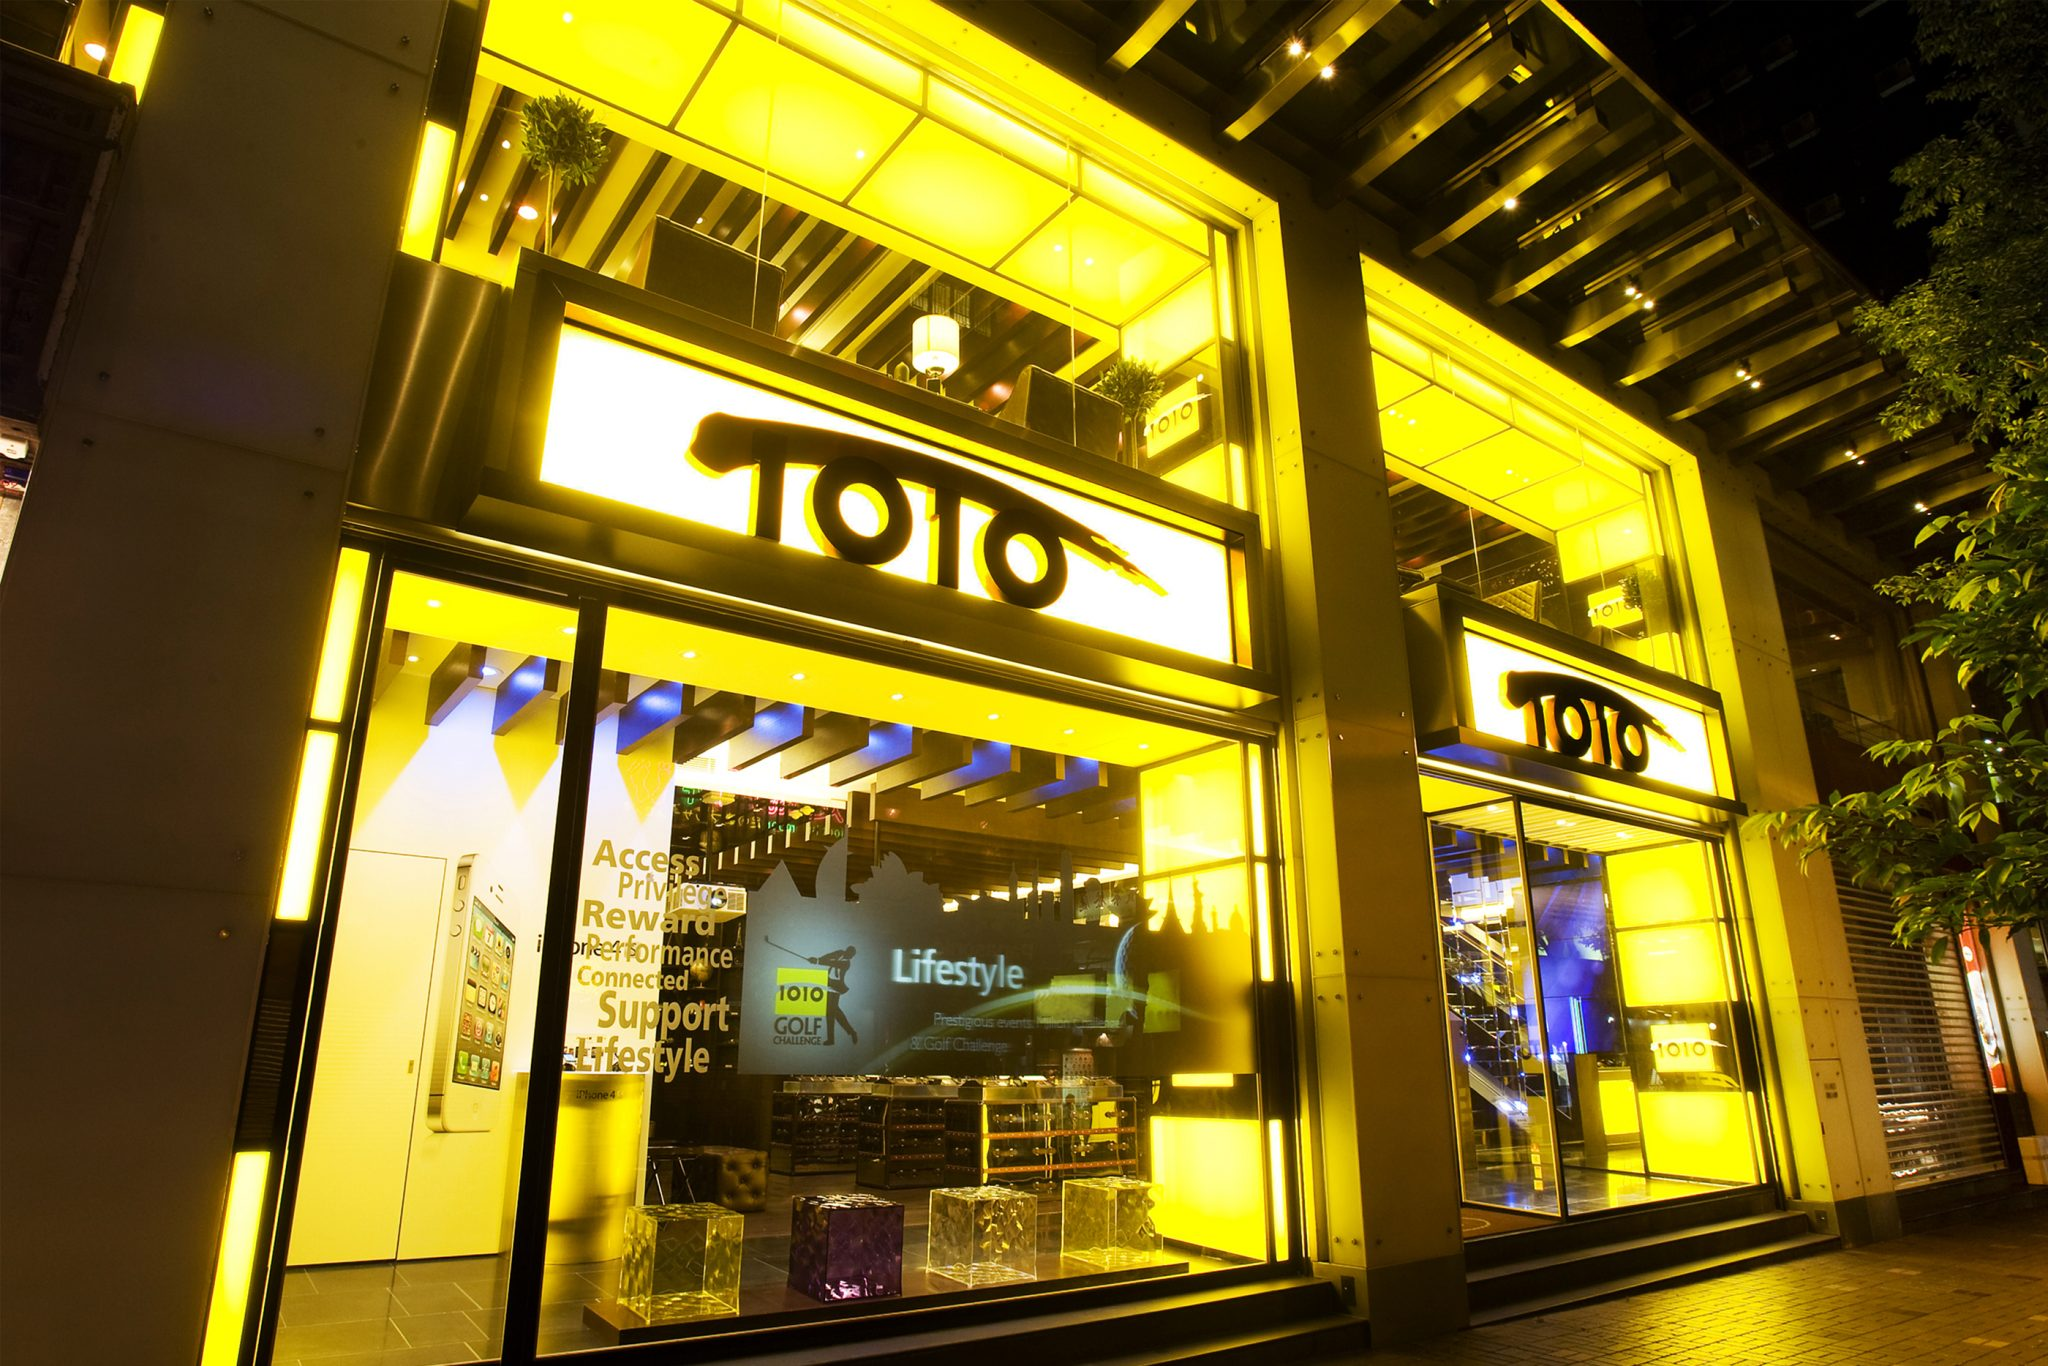 1O1O Telecom Flagship Store – Tsim Sha Tsui